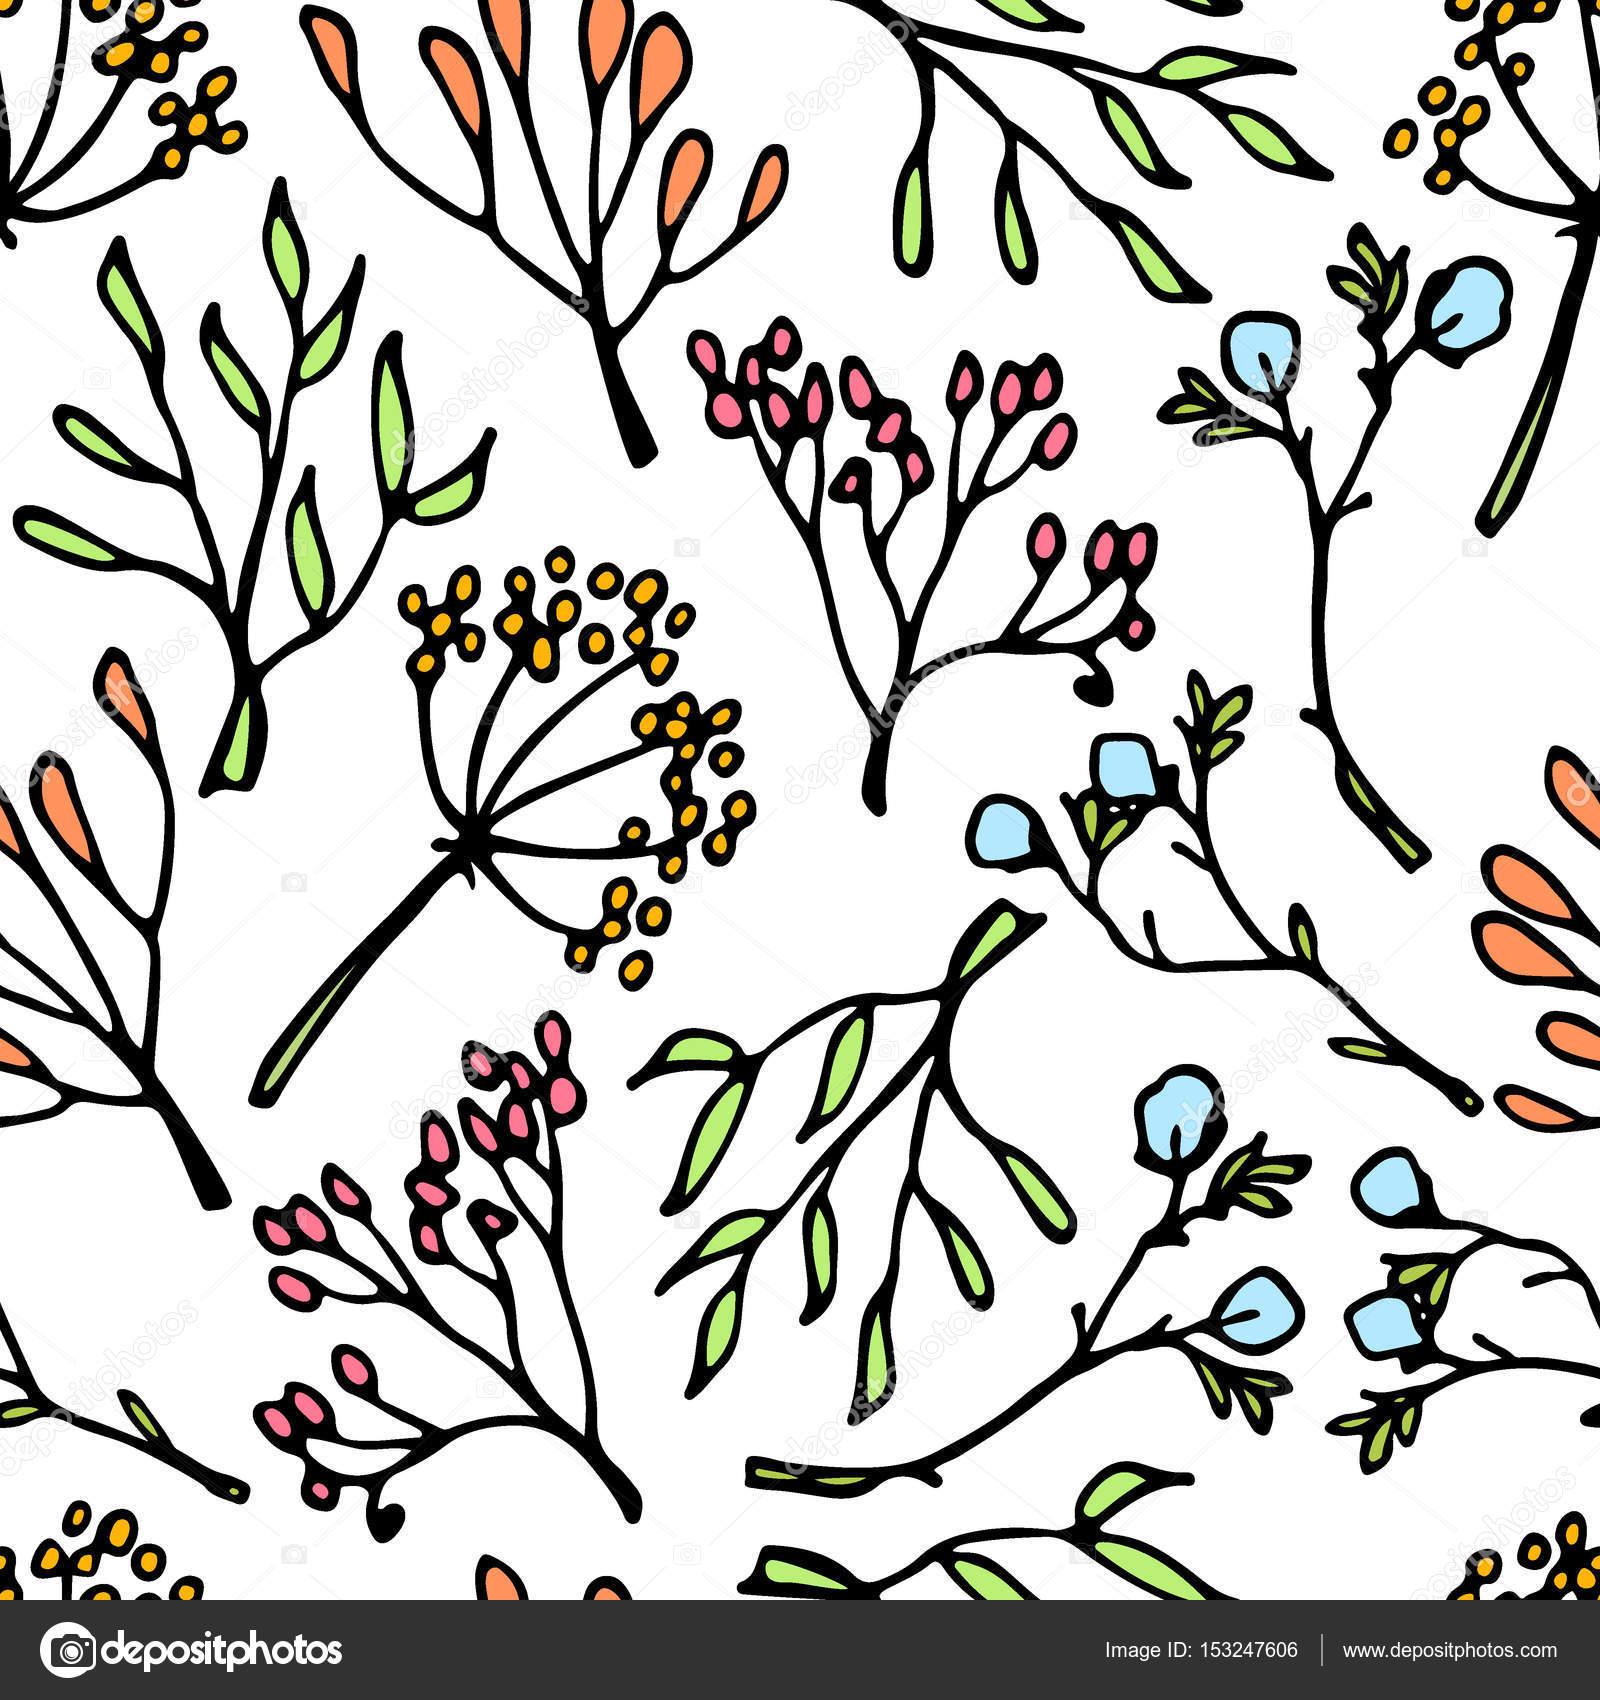 Dessin de fleurs de printemps image vectorielle ezhevica 153247606 - Dessin fleurs printemps ...